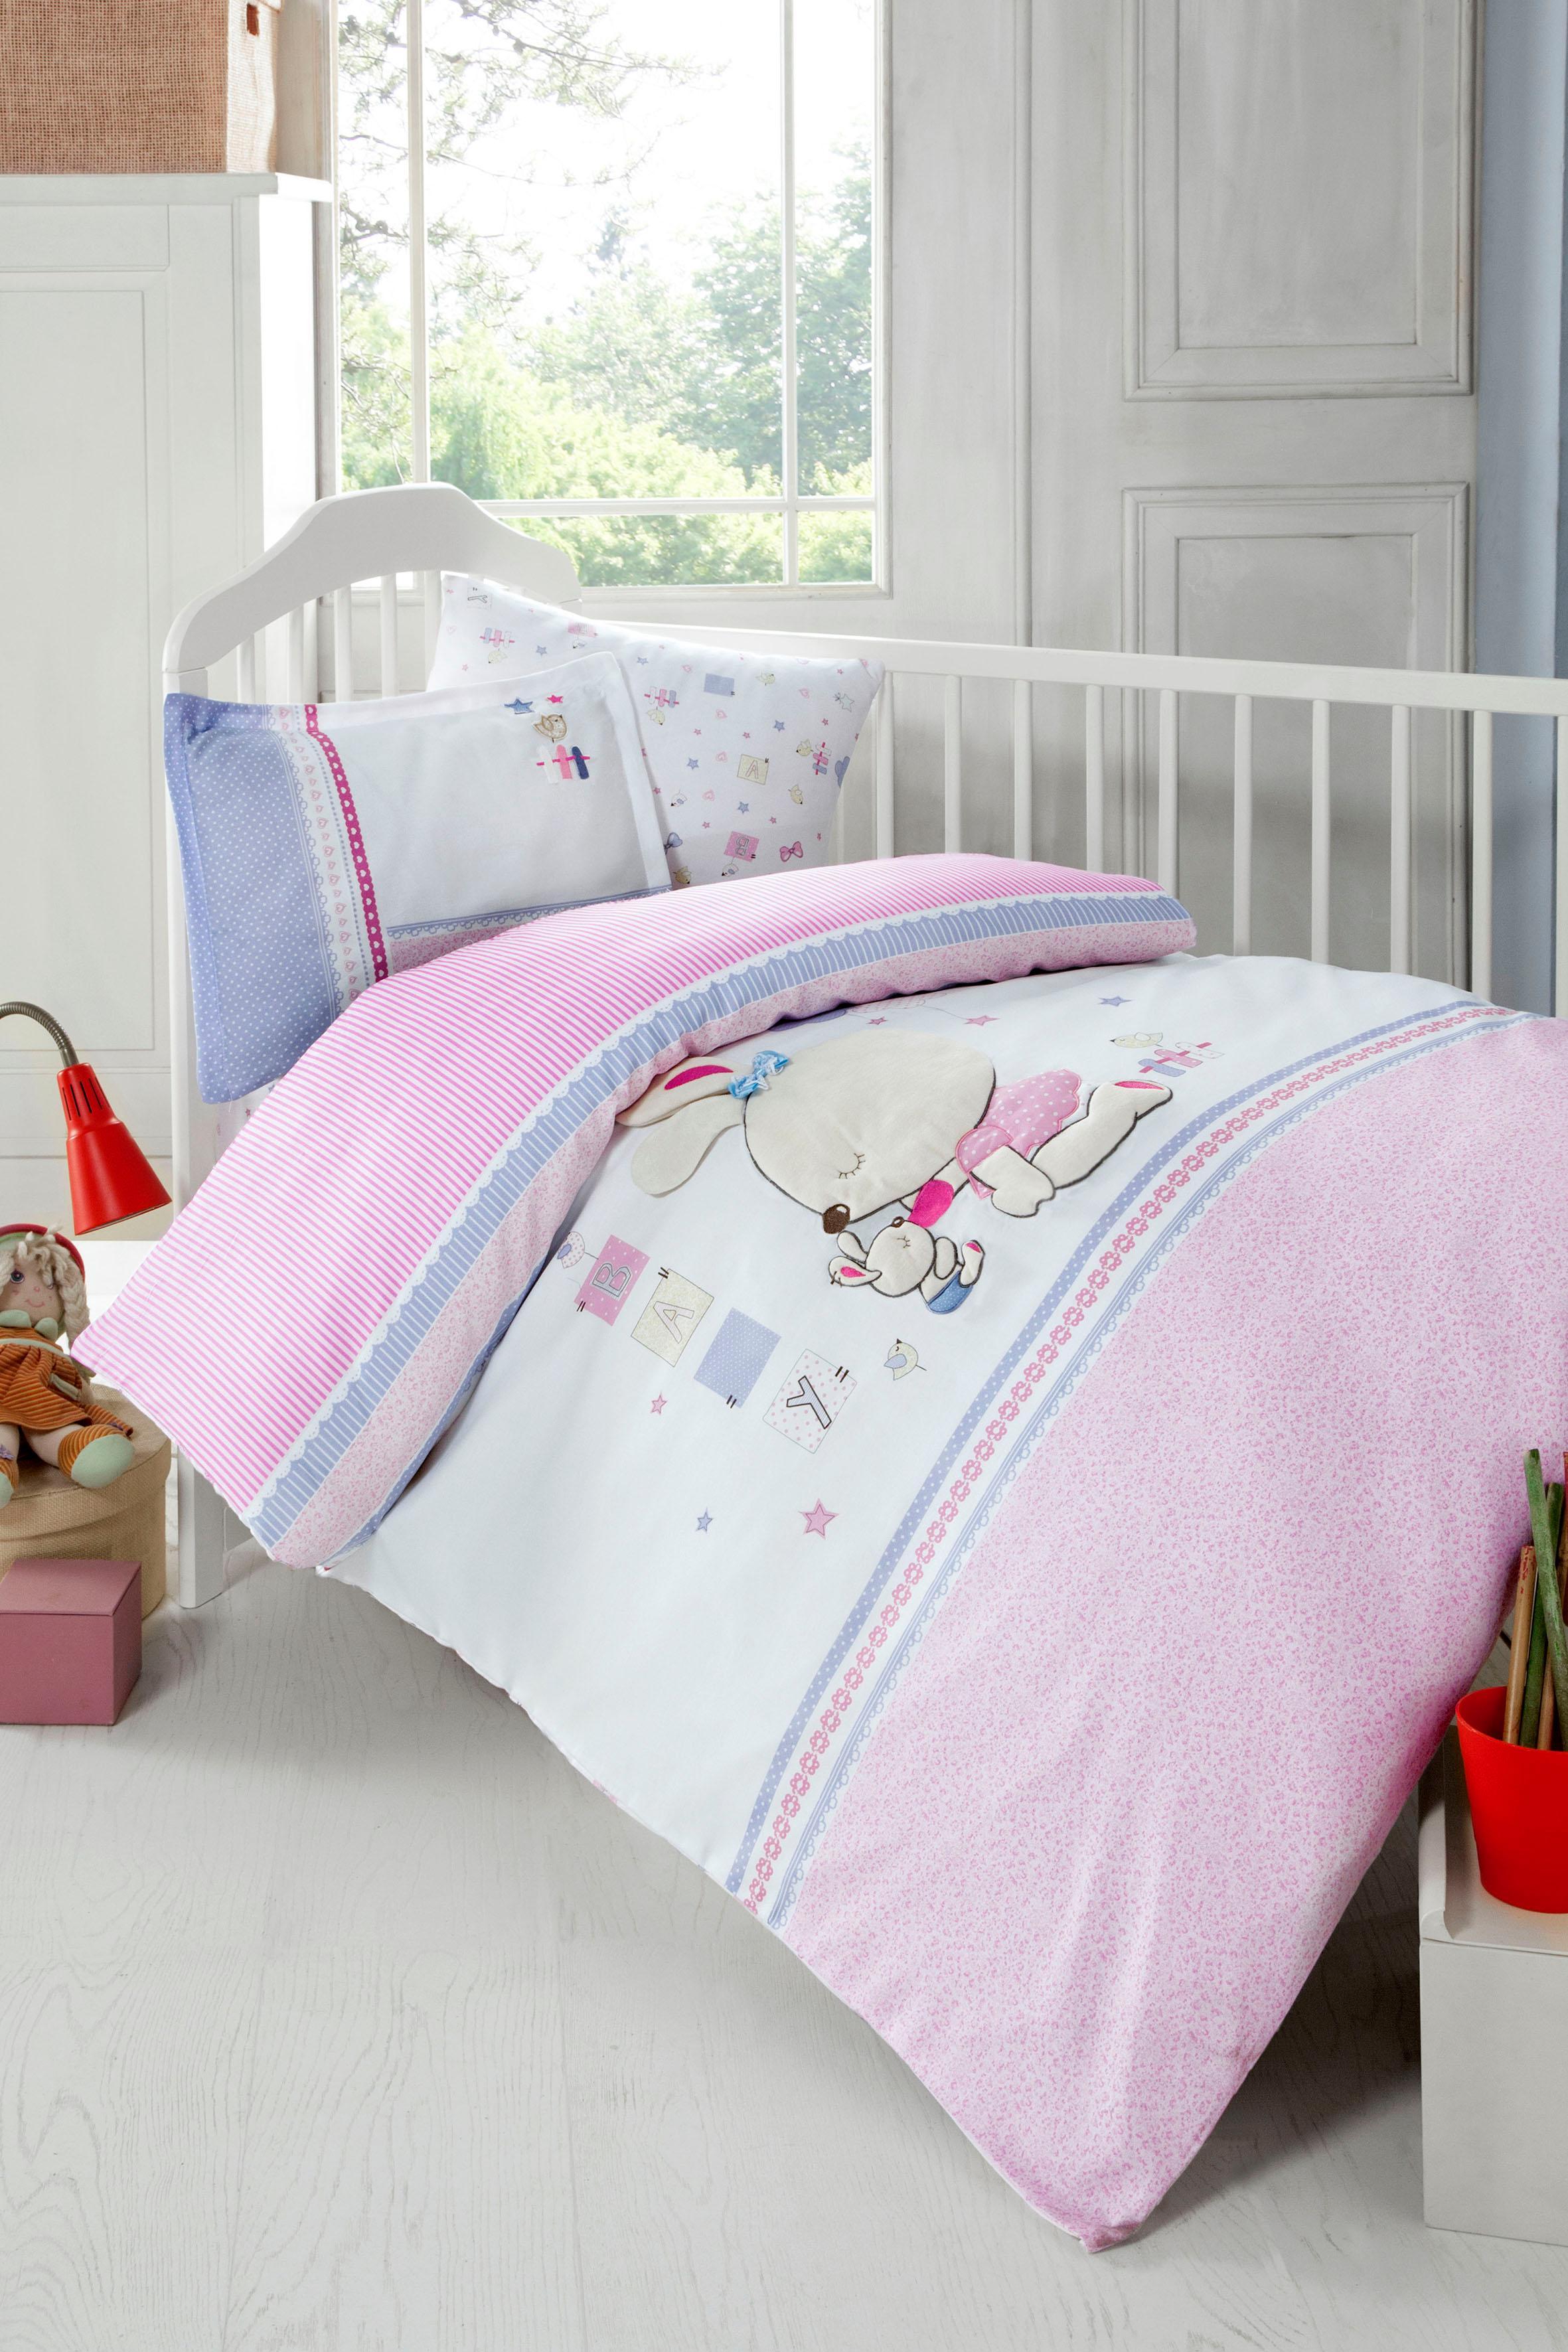 Babybettwäsche »Minni«, SEI Design | Kinderzimmer > Textilien für Kinder > Kinderbettwäsche | Rosa | Baumwolle | SEI DESIGN